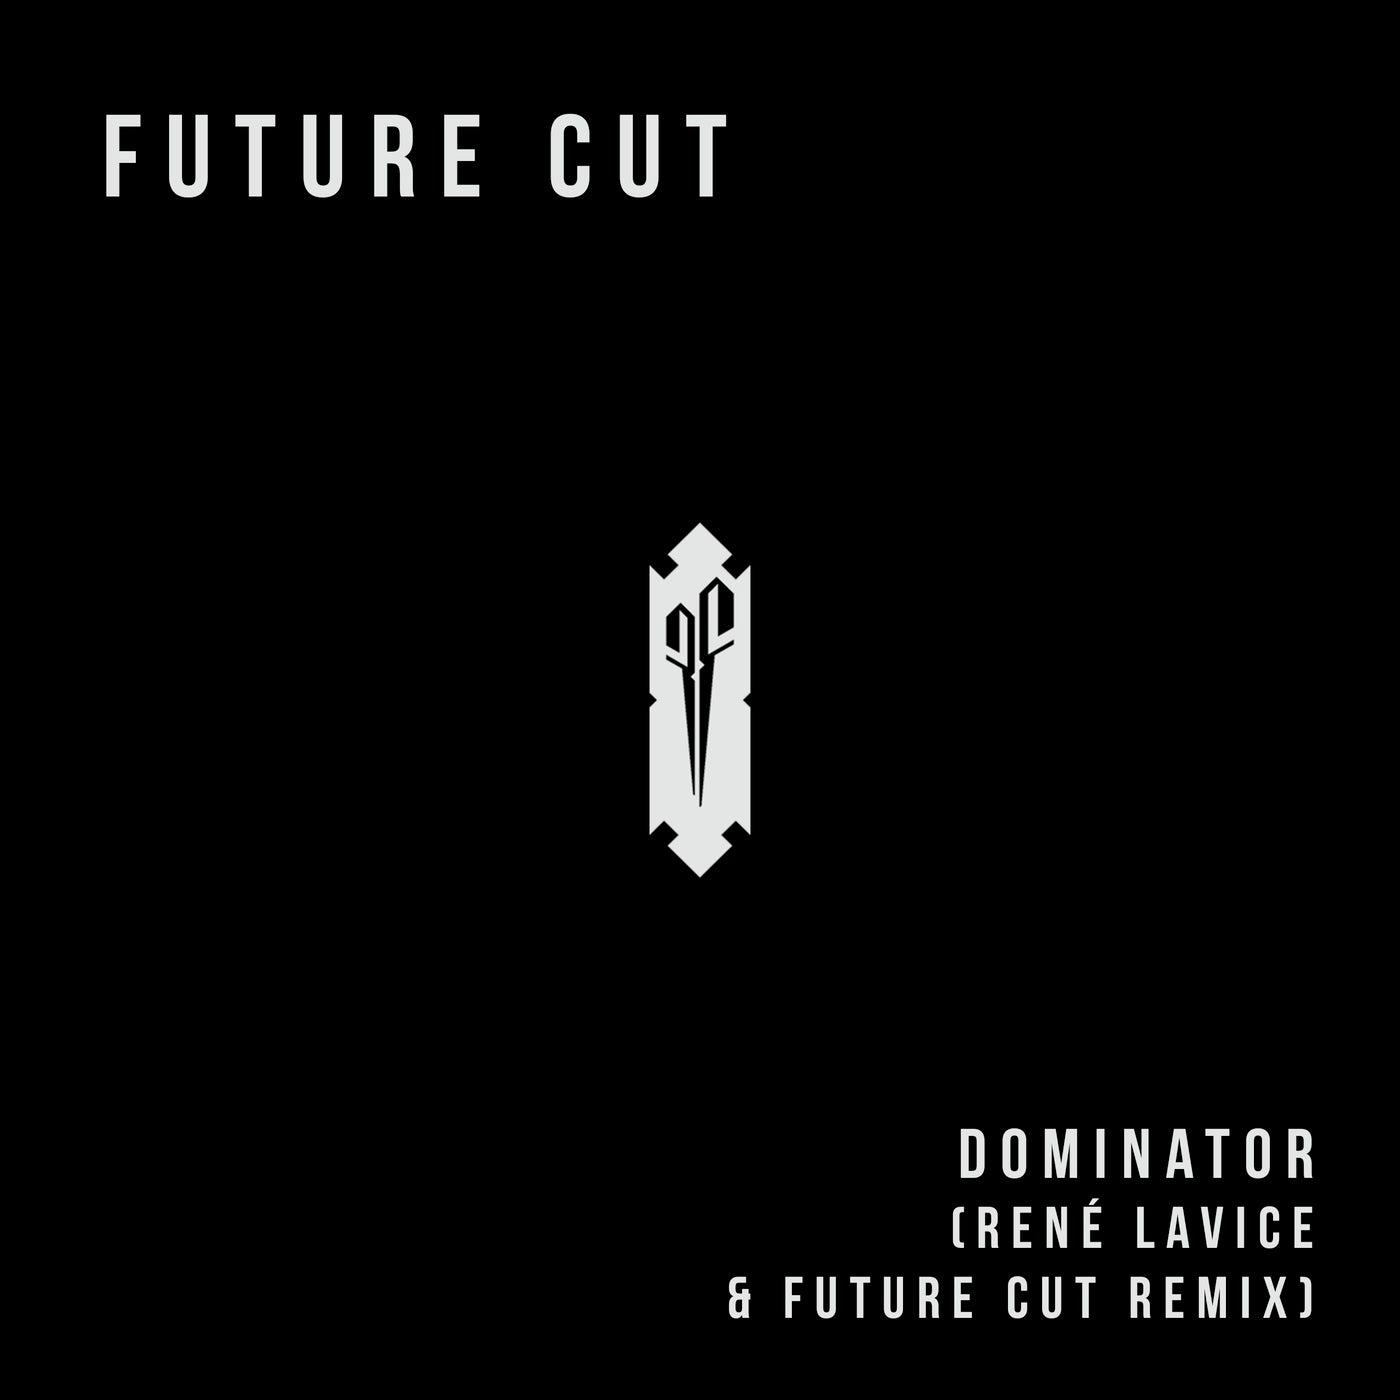 Dominator (feat. Rene Lavice) (Rene Lavice & Future Cut Remix)